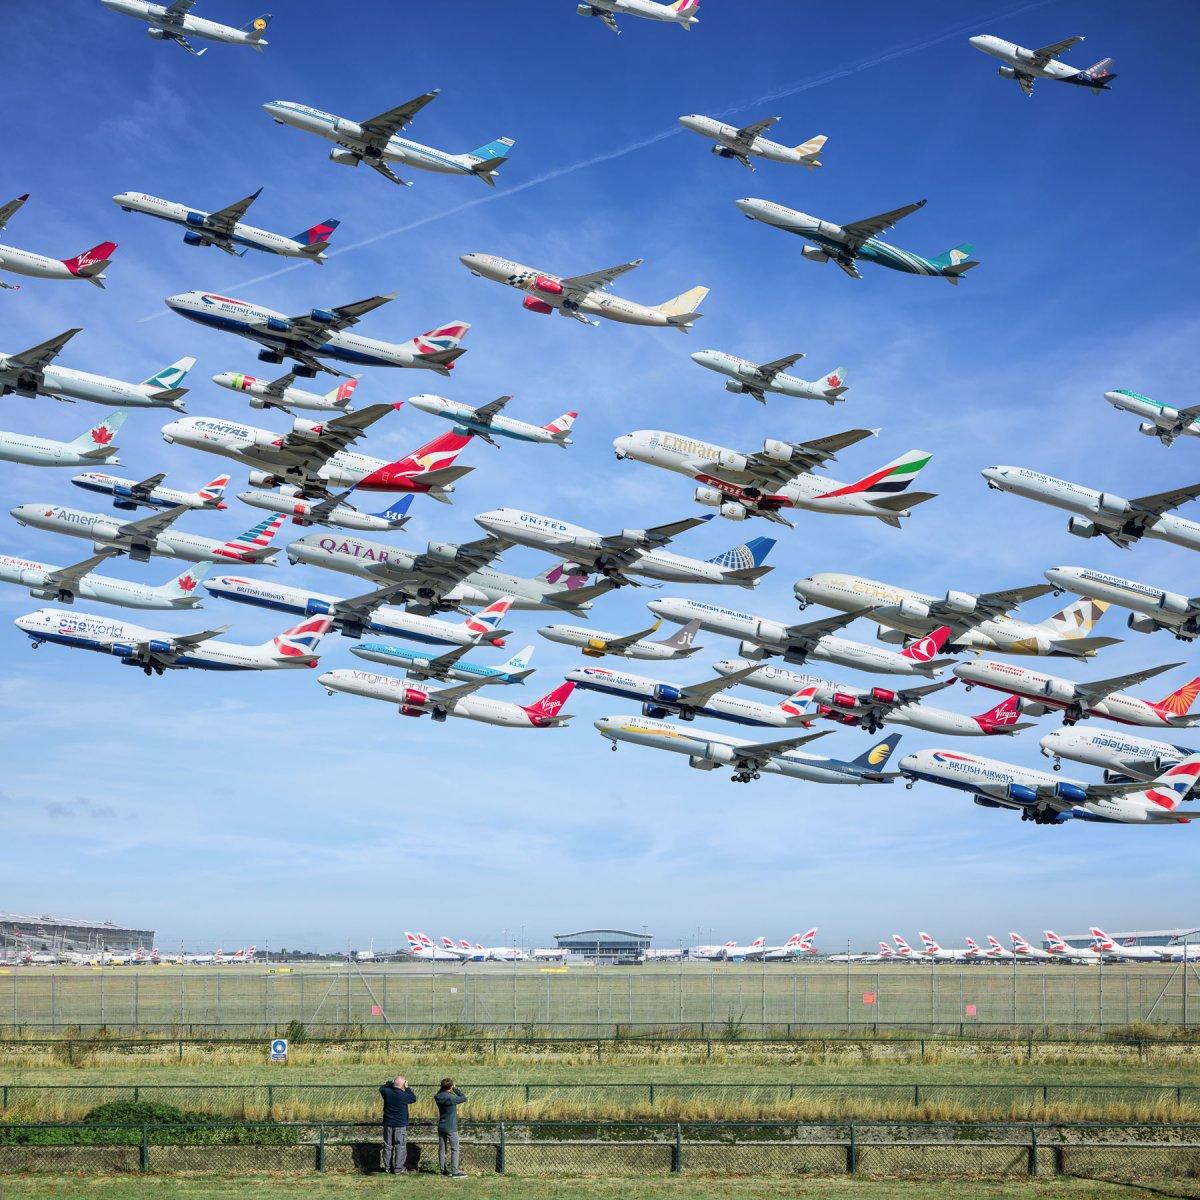 Kelly chia sẻ rằng dự án này đã khiến anh trở thành một cao thủ trong việc đặt vé máy bay